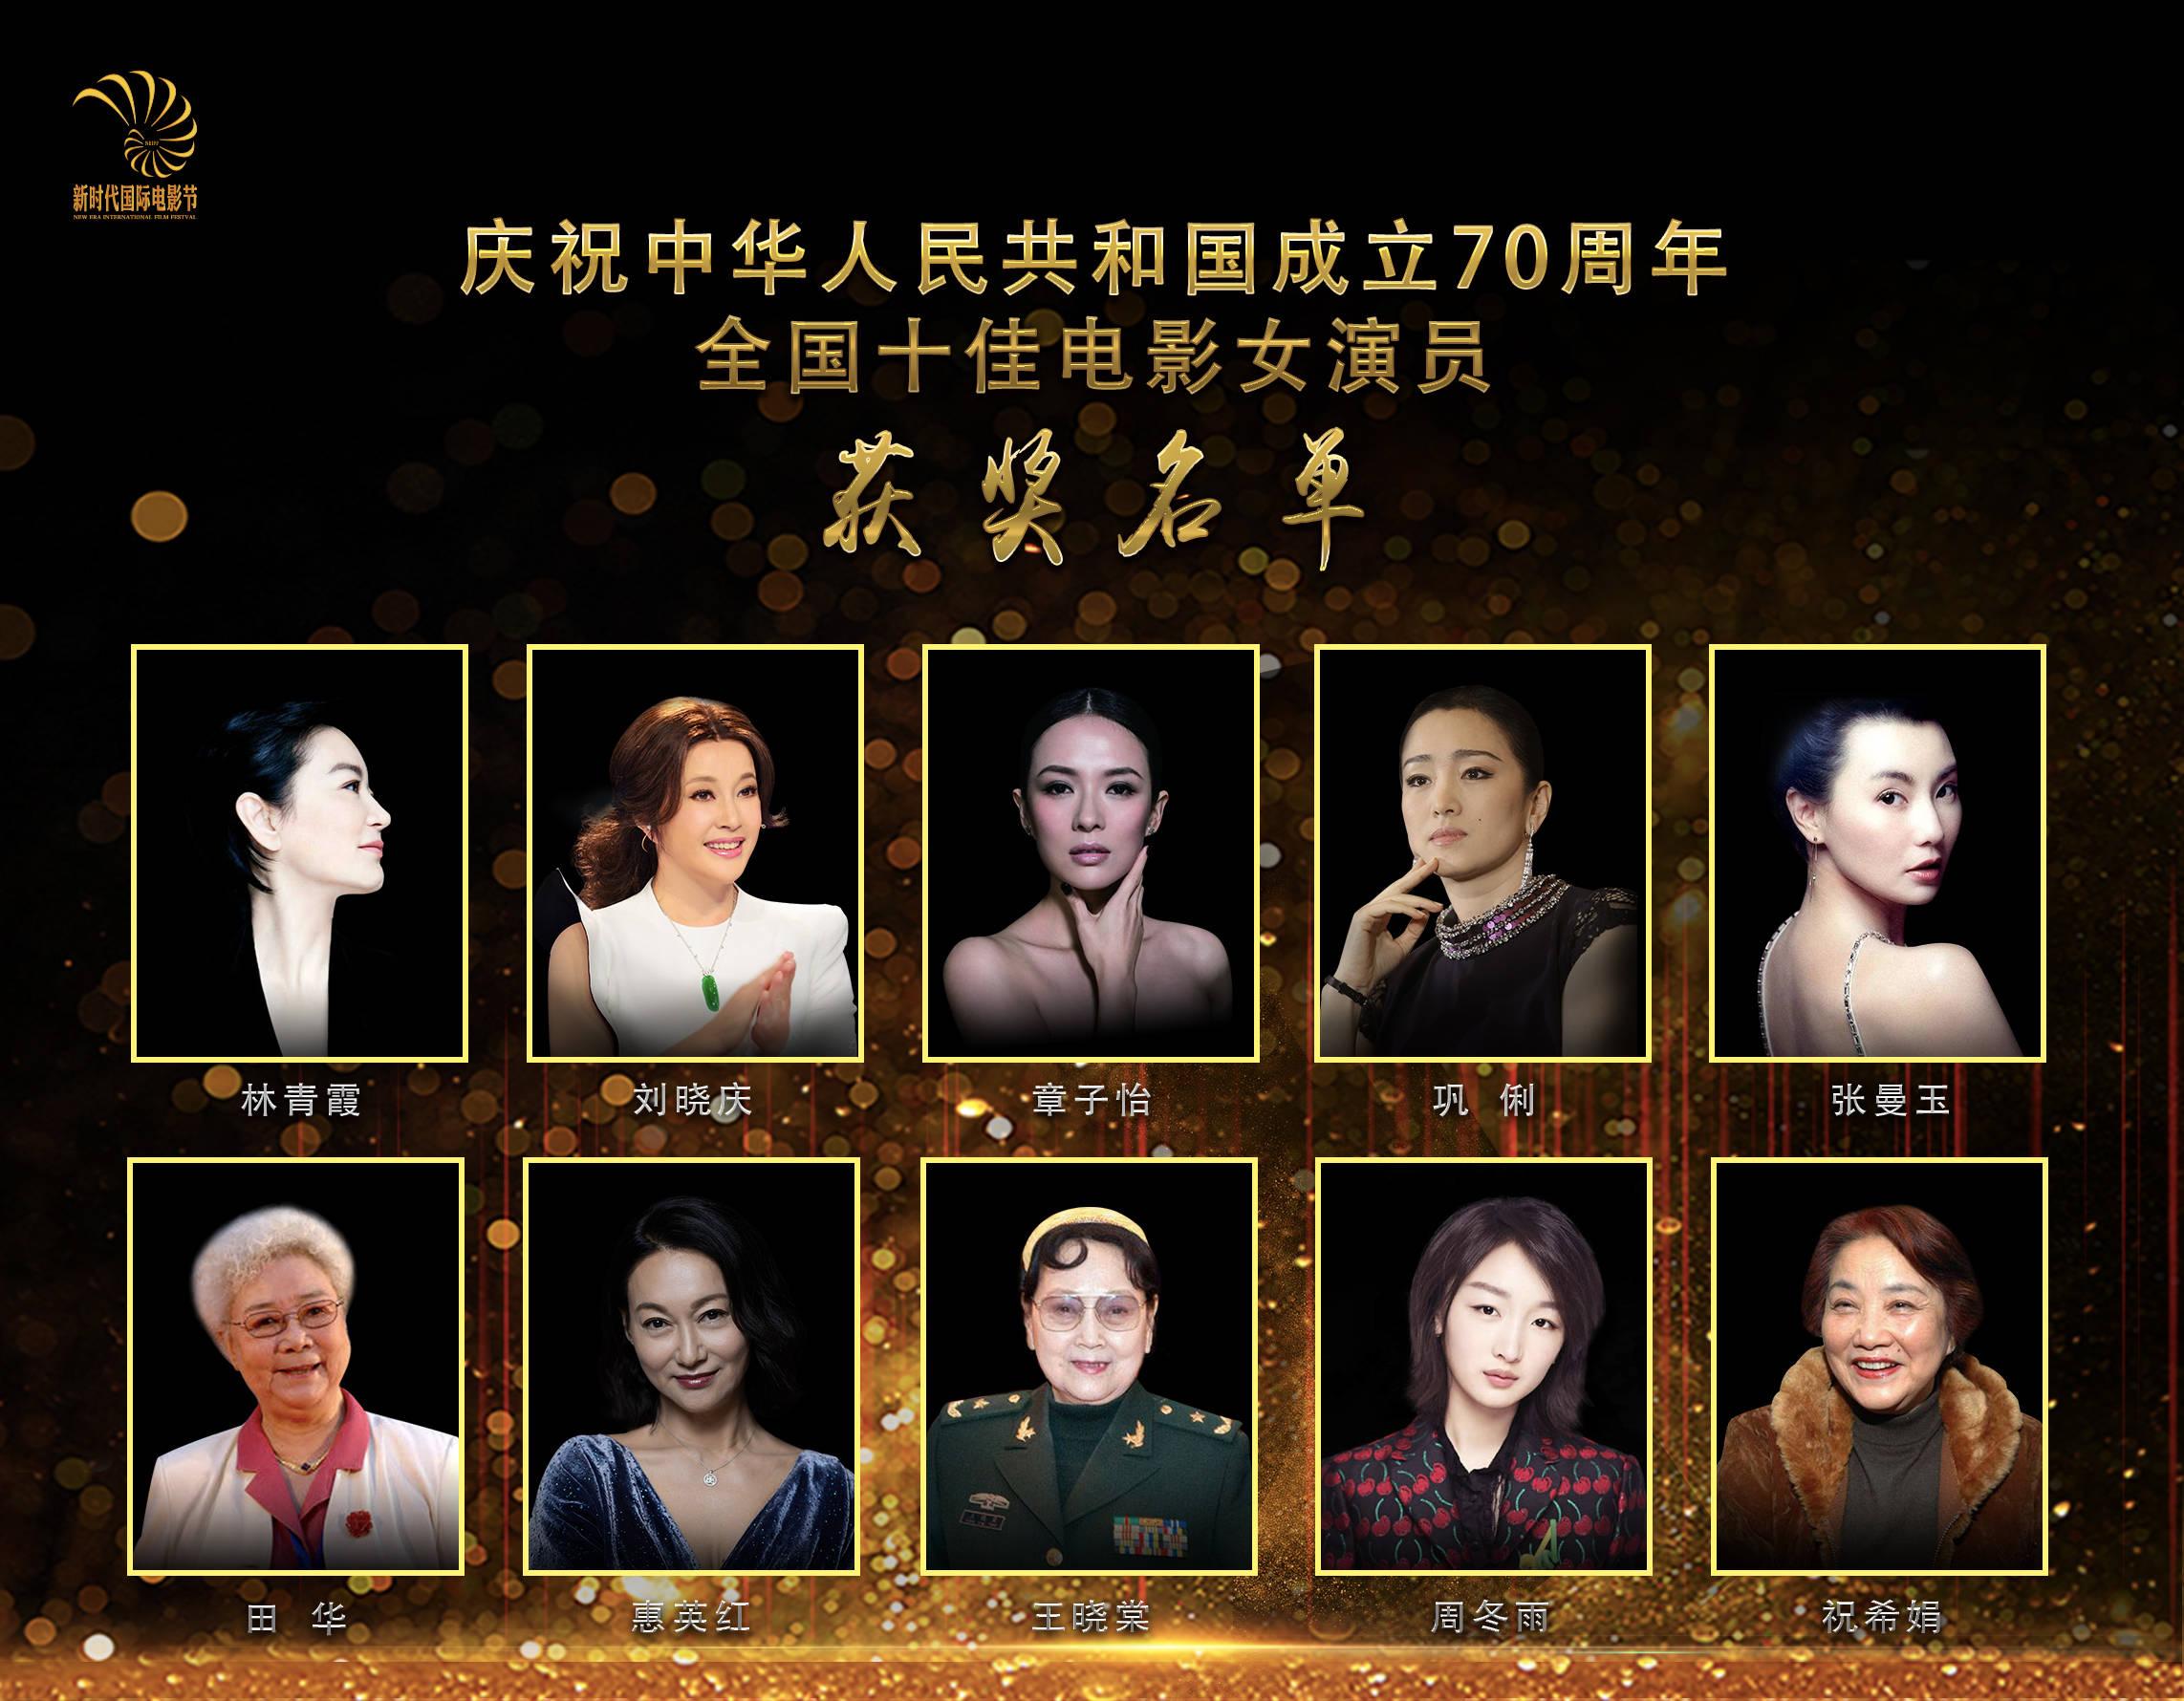 十佳电影女演员出炉    巩俐刘晓庆林青霞入选